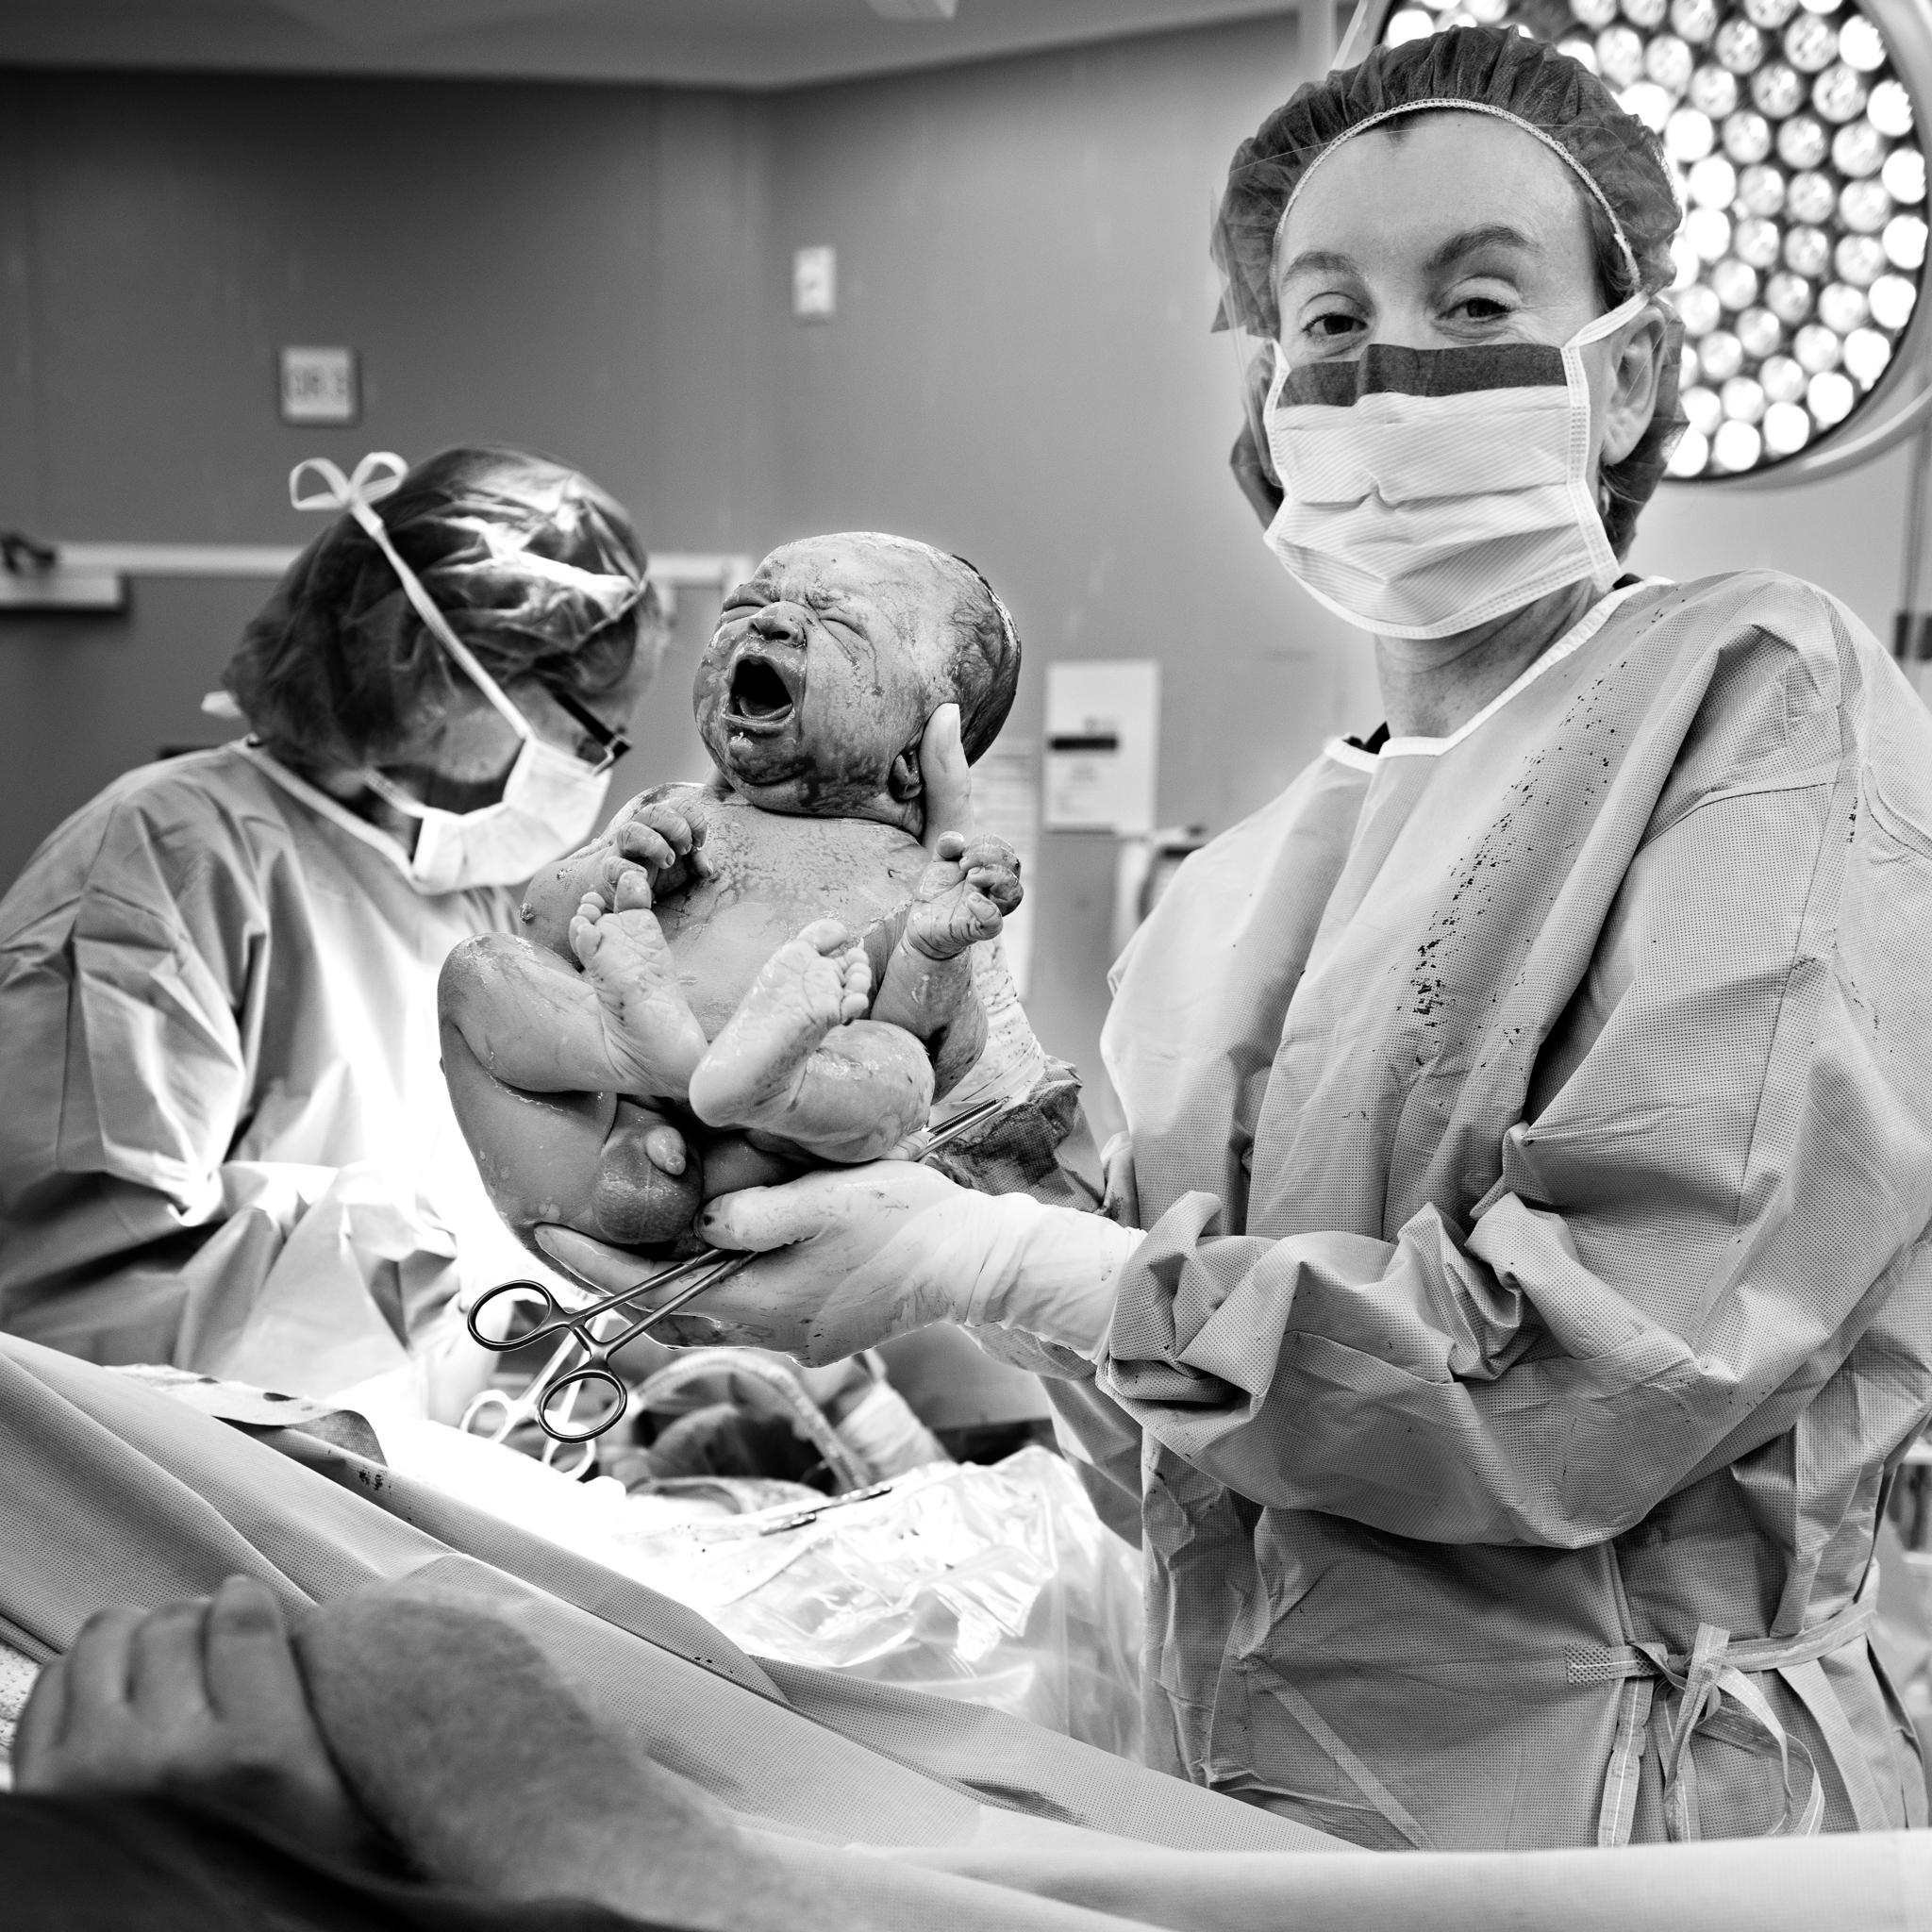 Belle Verdiglione Birth Photography Photographer Perth Scheduled Caesarean Gentle Newborn